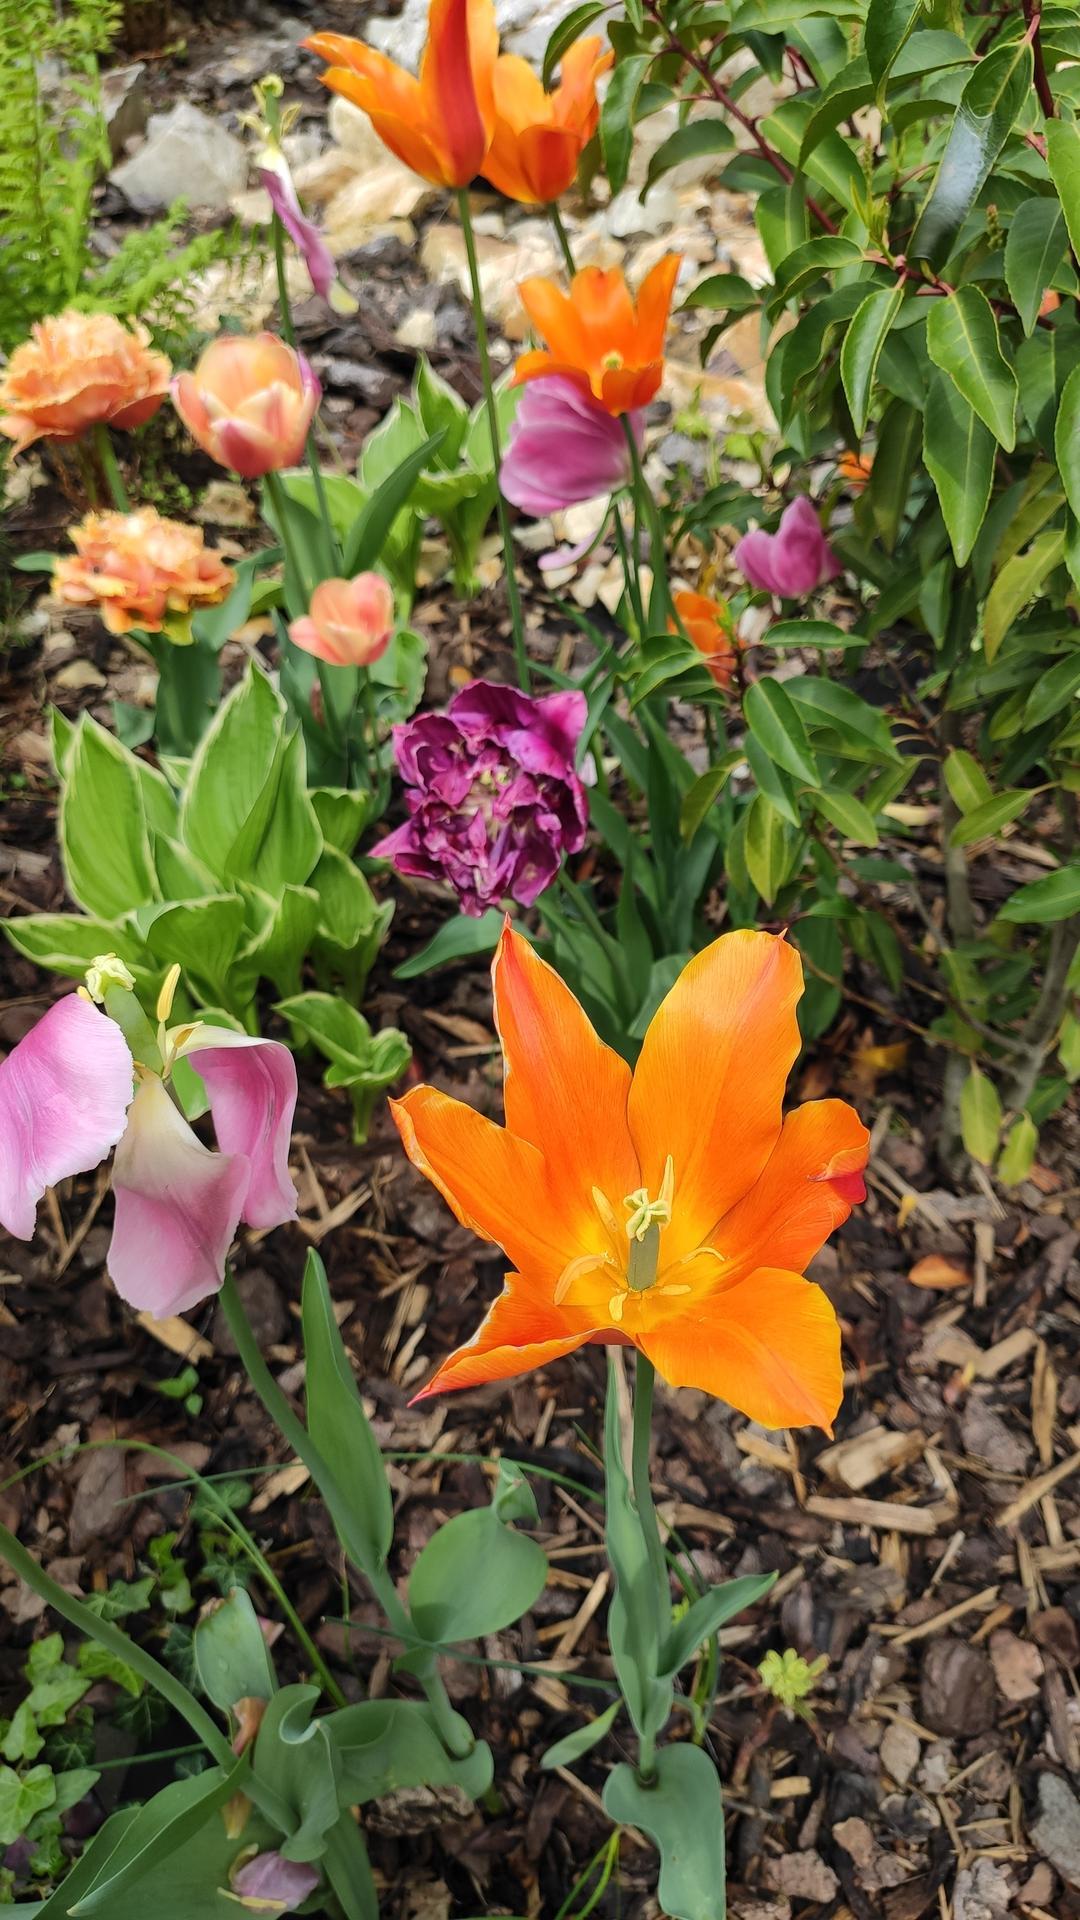 záhrada vidiecka, farebná rok 2021 - Obrázok č. 73